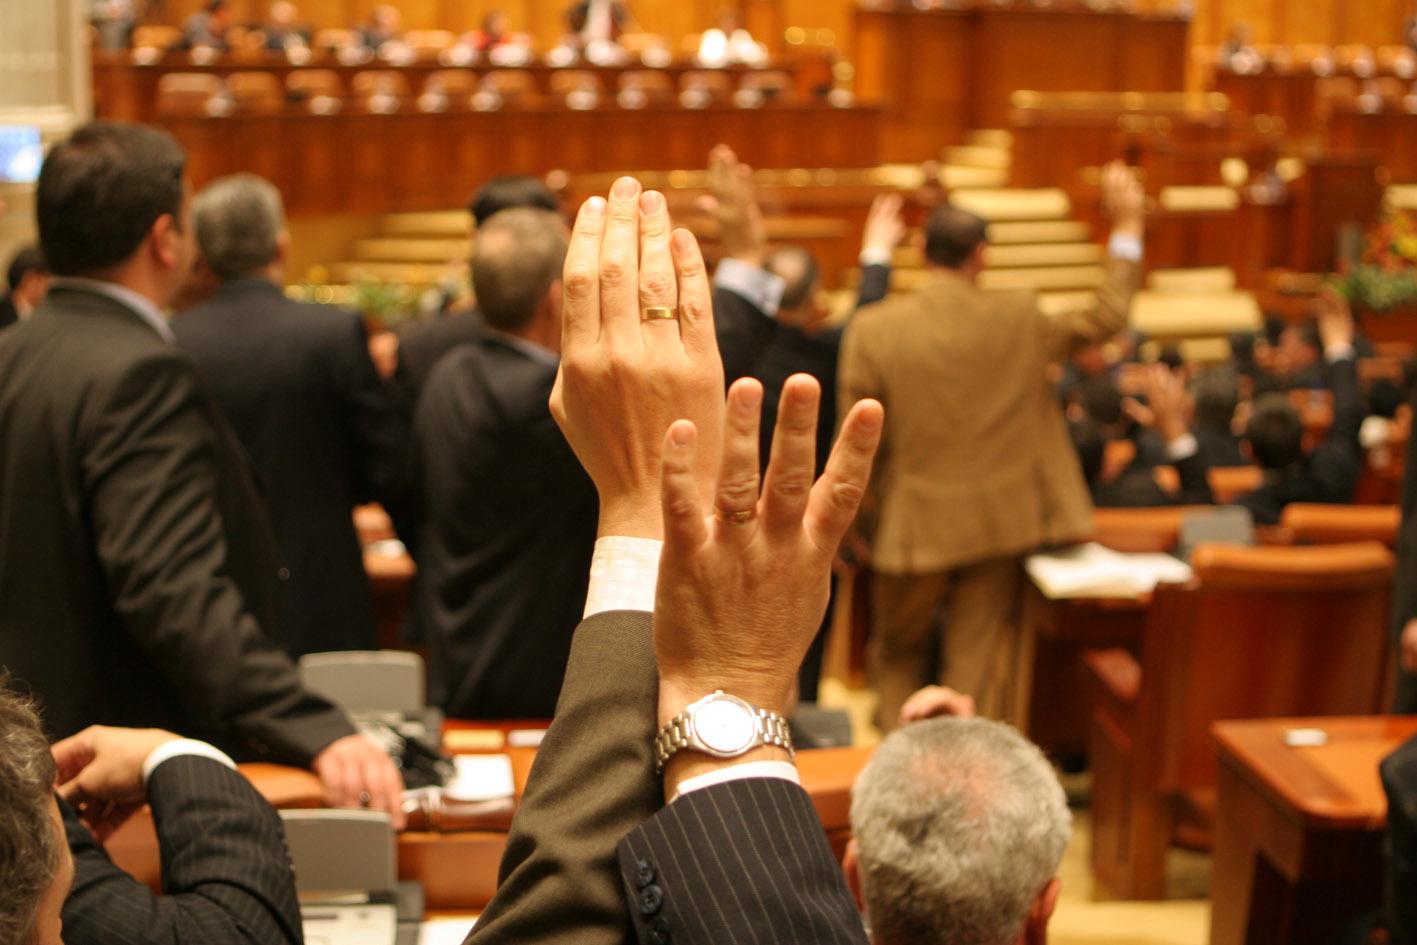 Birourile permanente reunite ale Senatului şi Camerei Deputaţilor au stabilit calendarul dezbaterii şi adoptării legii bugetului de stat şi bugetului asigurărilor sociale pe anul viitor